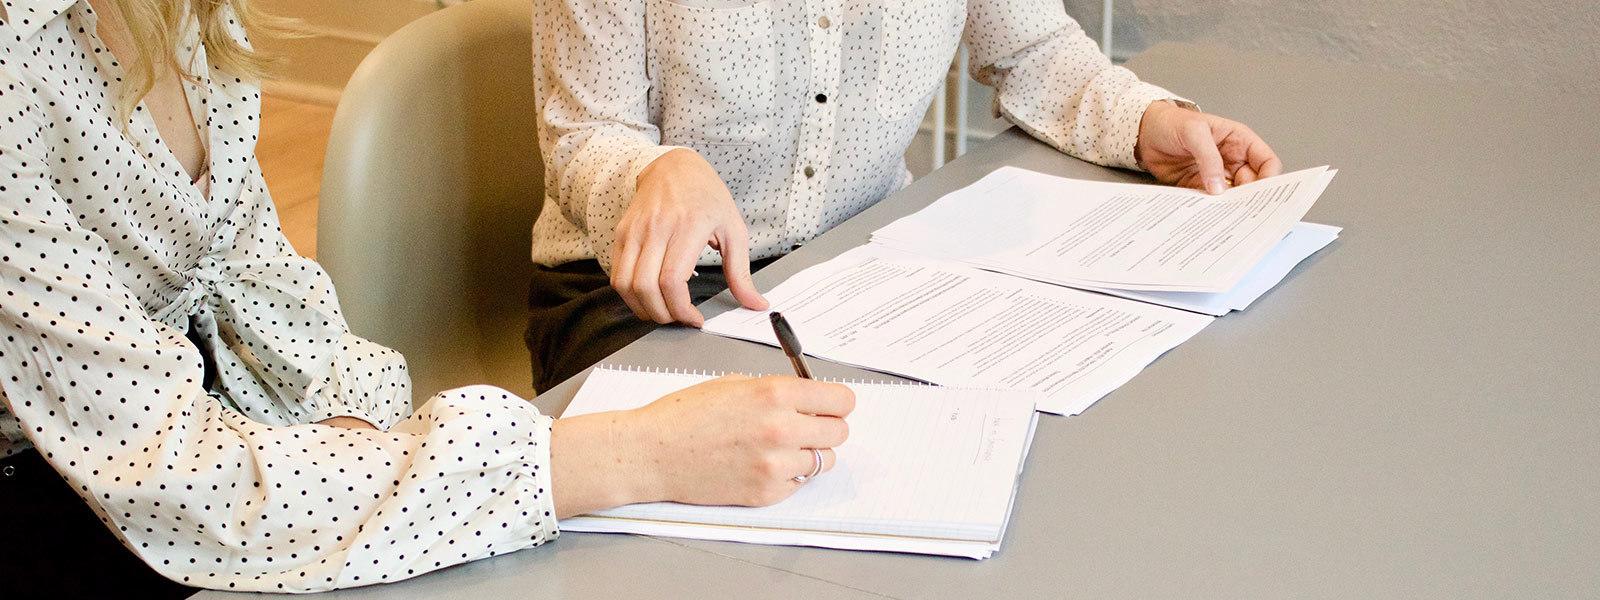 Registro trattamenti privacy: cos'è e quali sono gli obblighi per le aziende